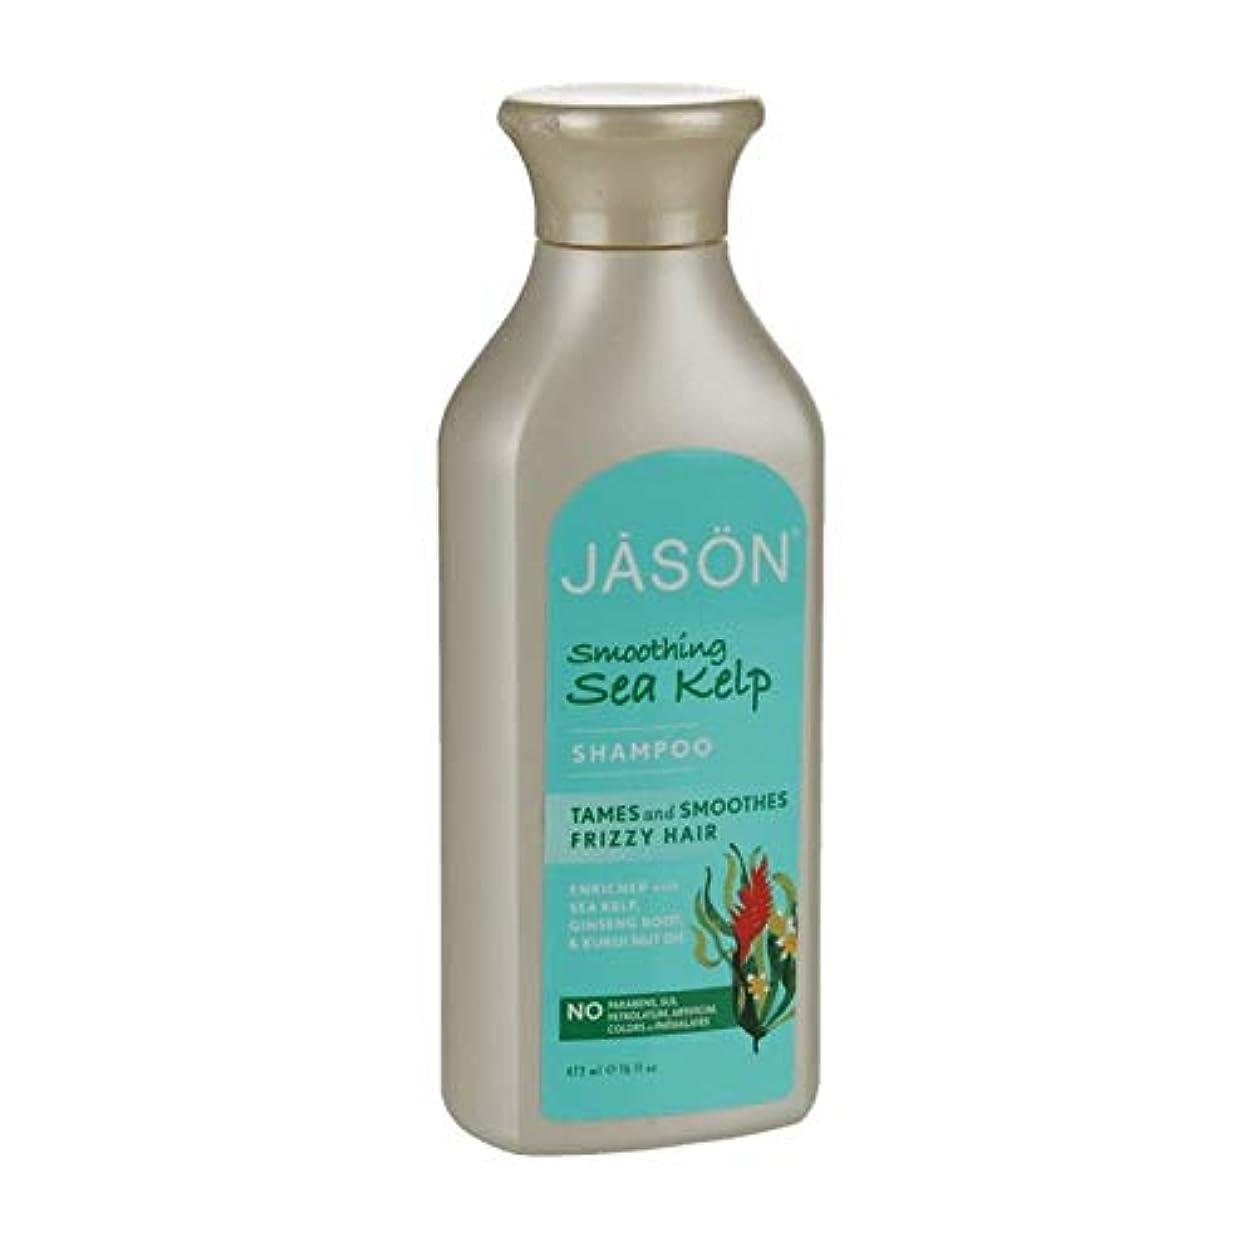 社交的たくさんの浪費[Jason ] ジェイソン有機海昆布シャンプー480ミリリットル - Jason Organic Sea Kelp Shampoo 480ml [並行輸入品]